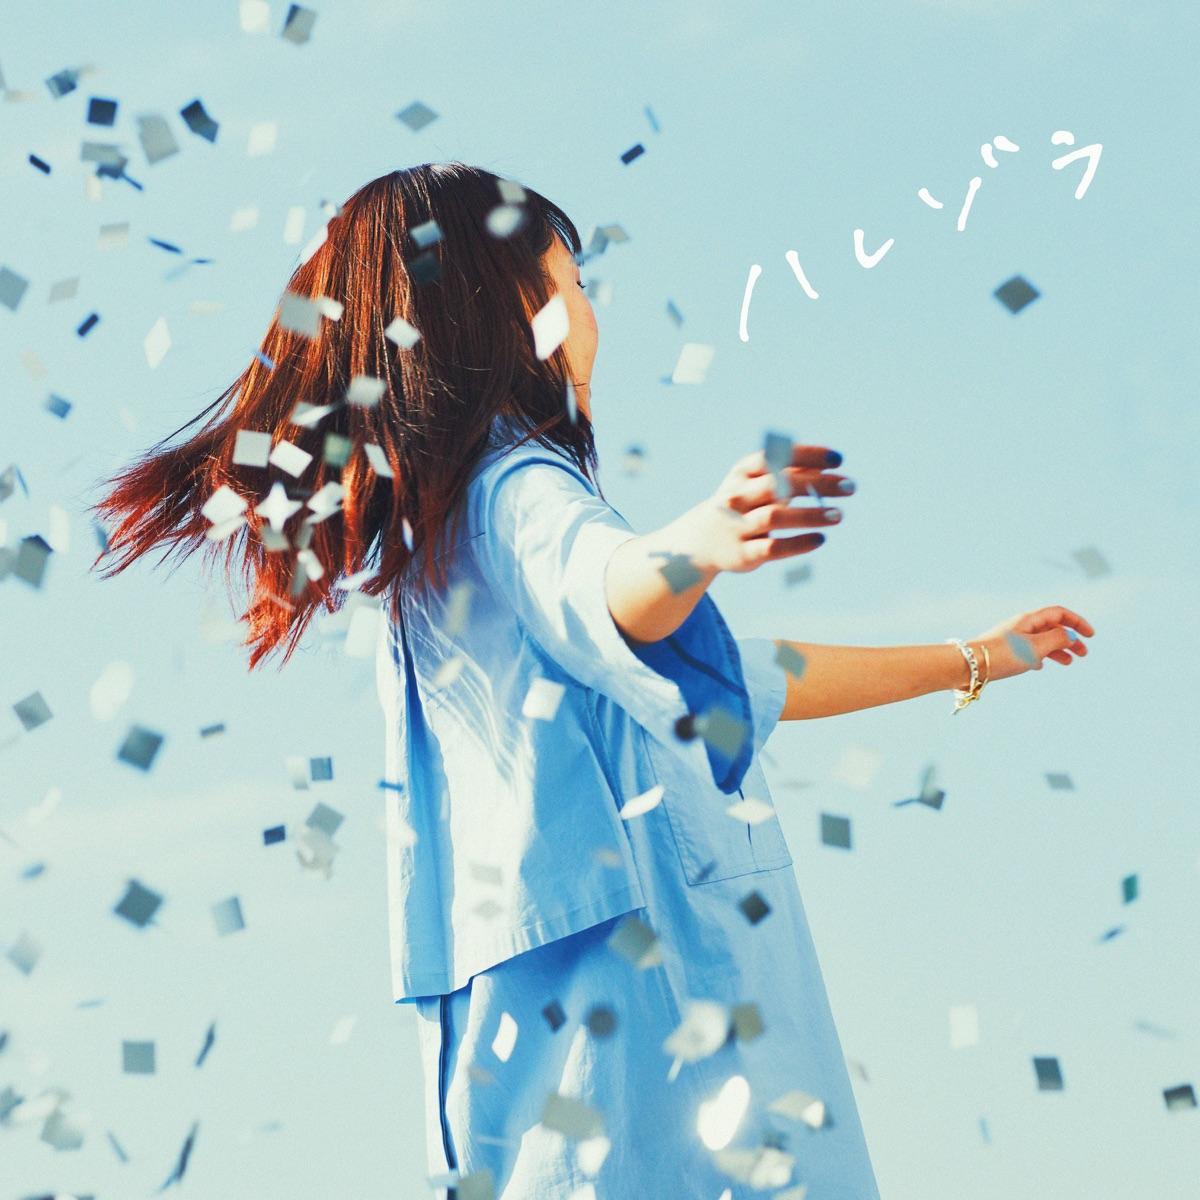 『井上苑子 - ラブリー 歌詞』収録の『ハレゾラ』ジャケット